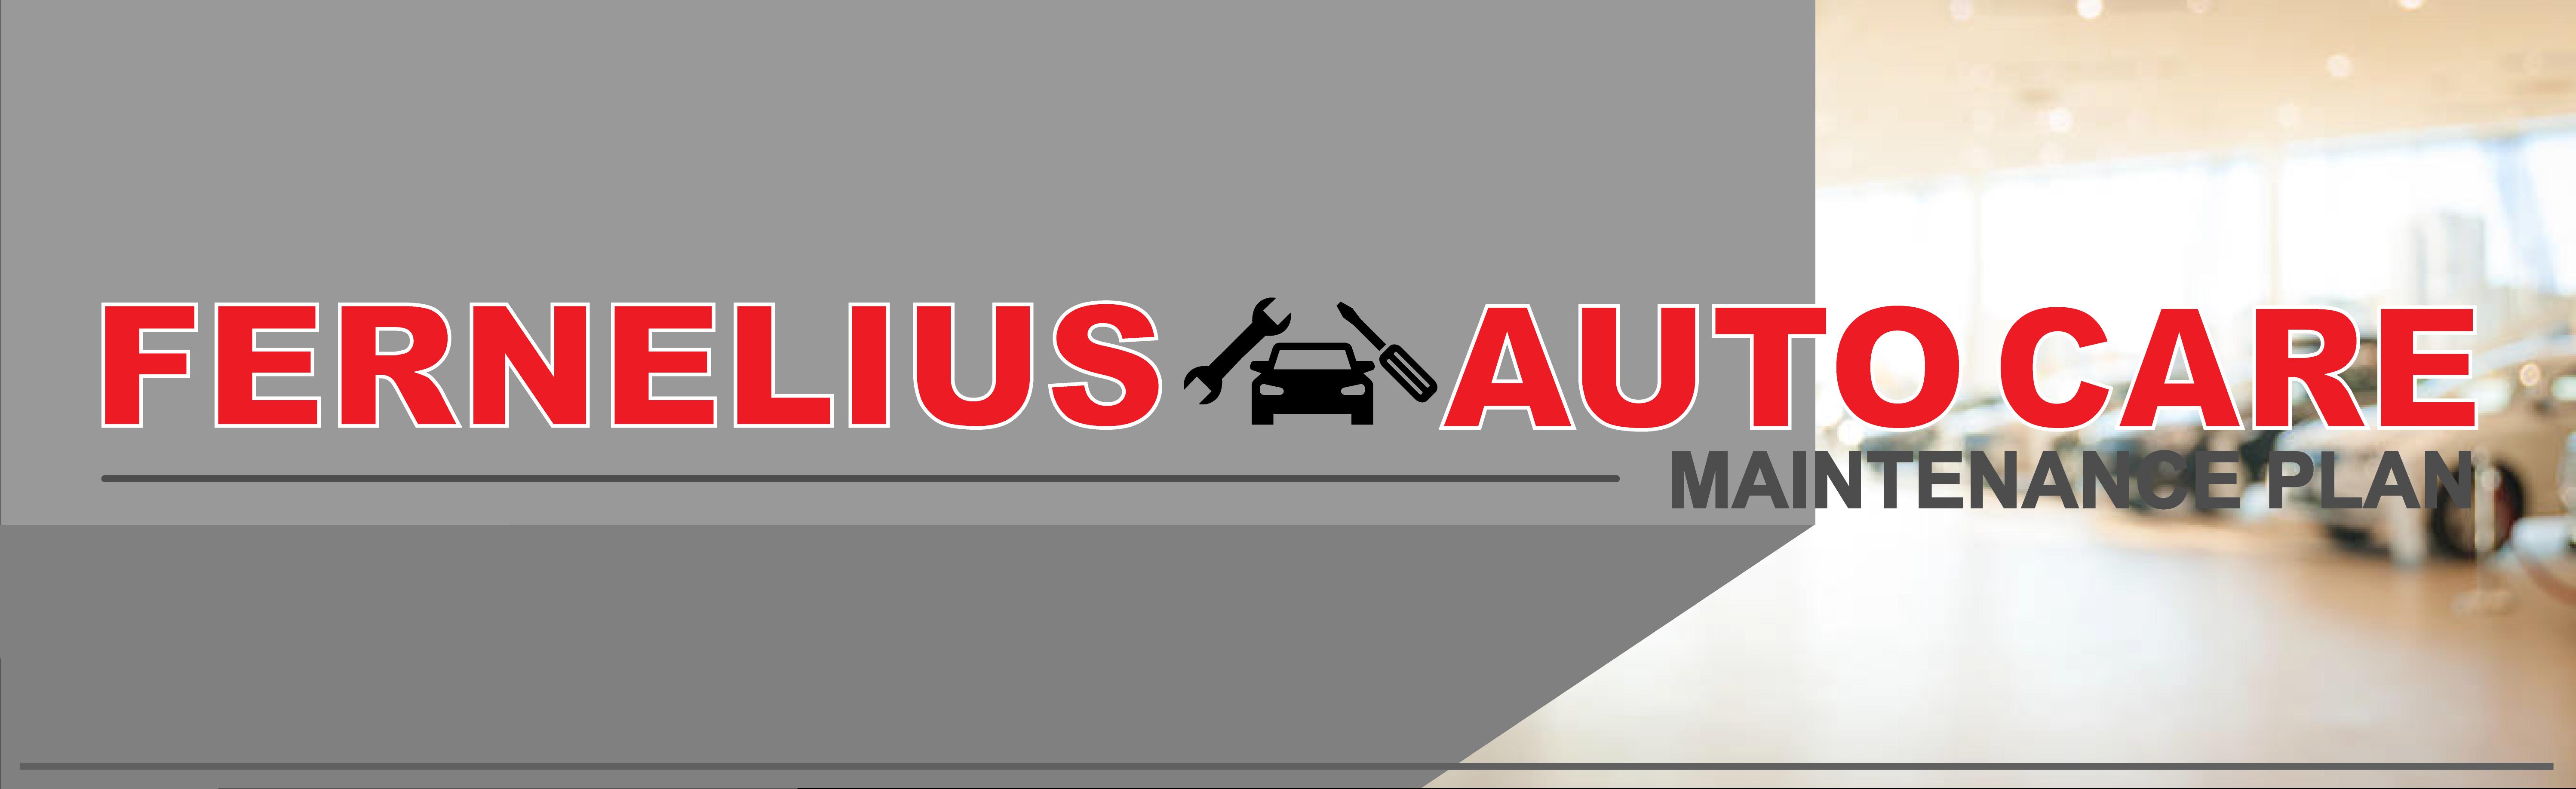 Auto Care Maintenance Plans